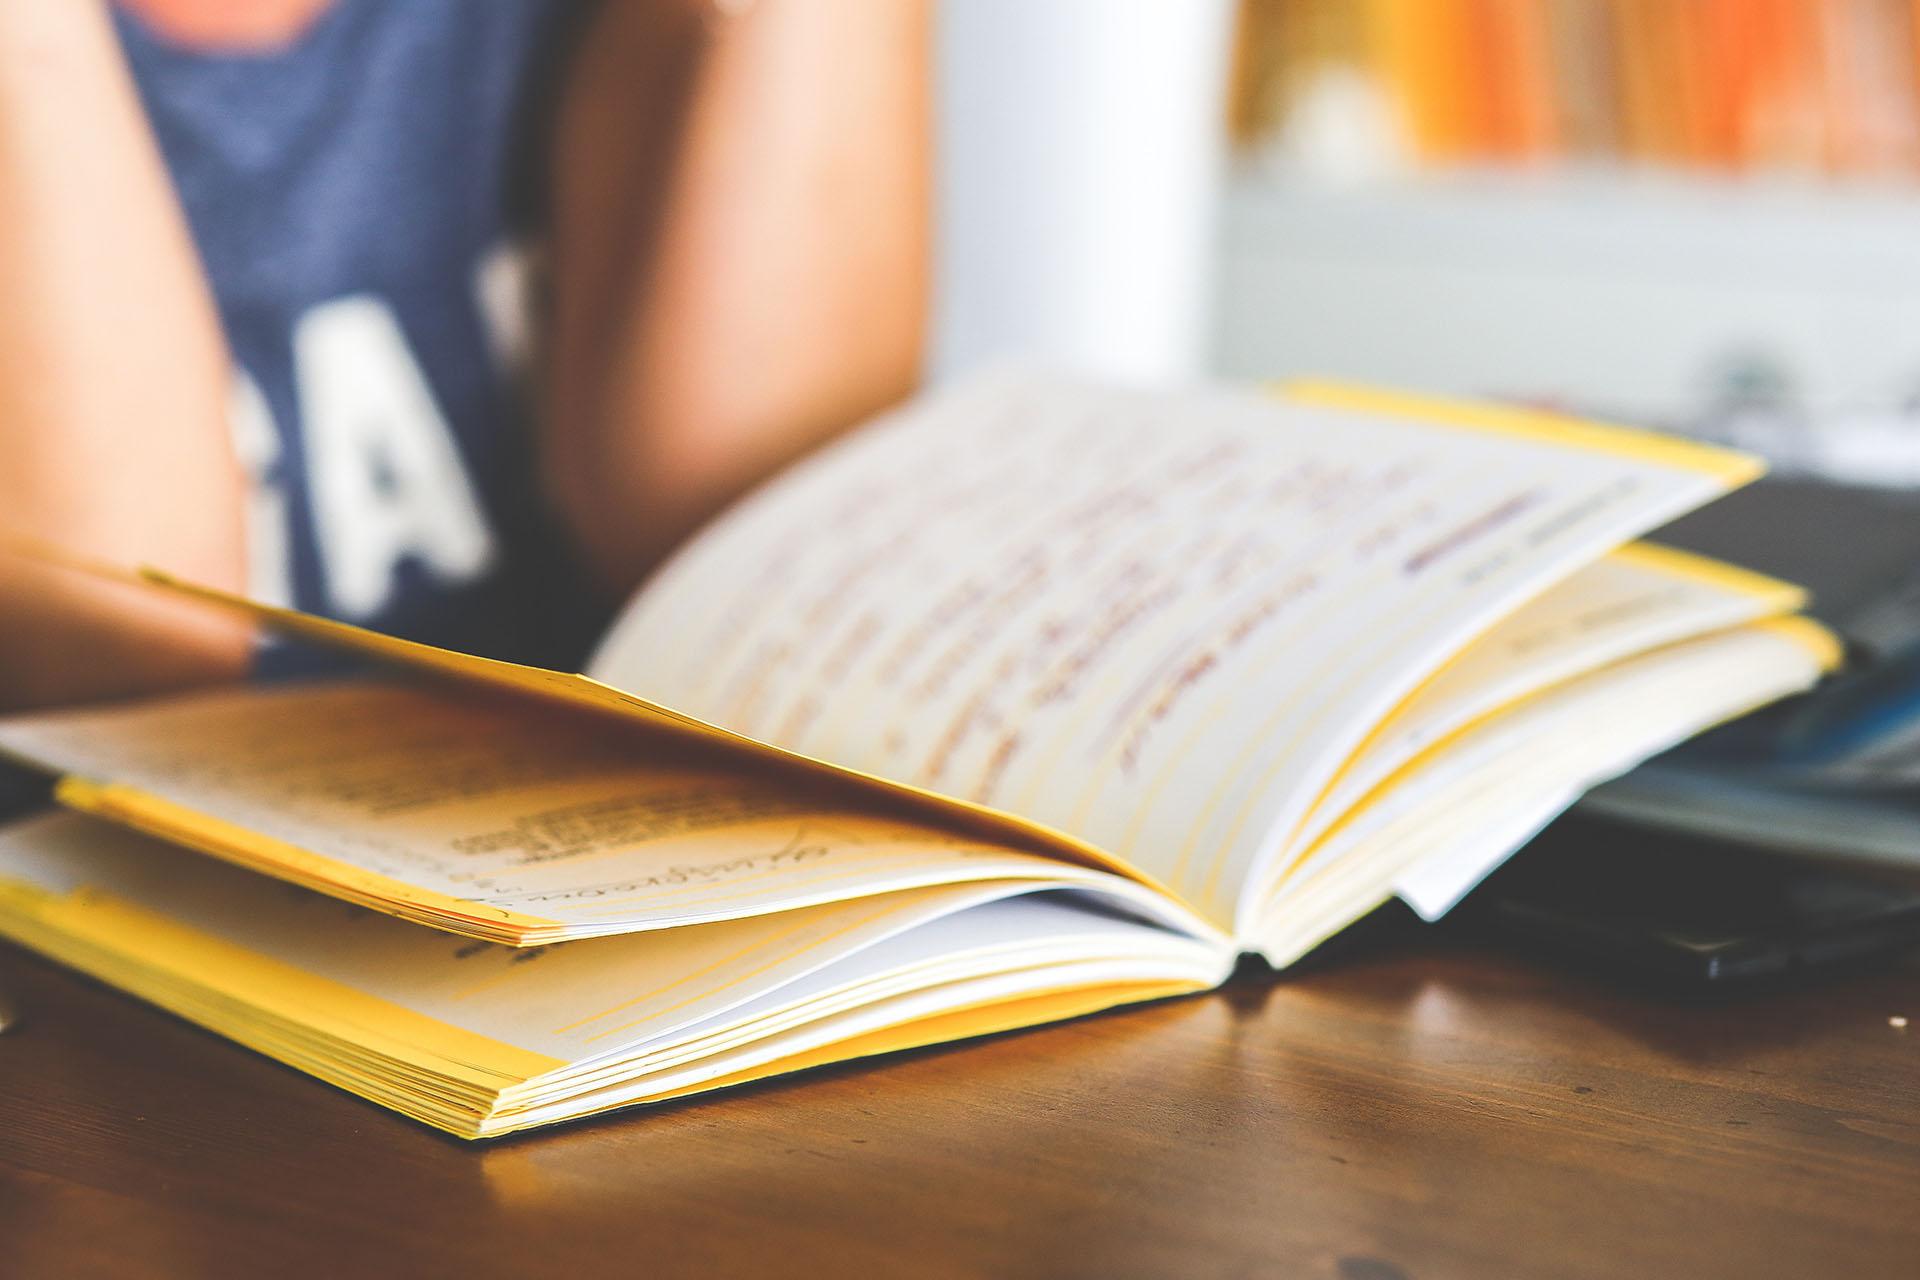 Zajęcia Dodatkowe – Korepetycje, biologia, chemia, fizyka, matematyka